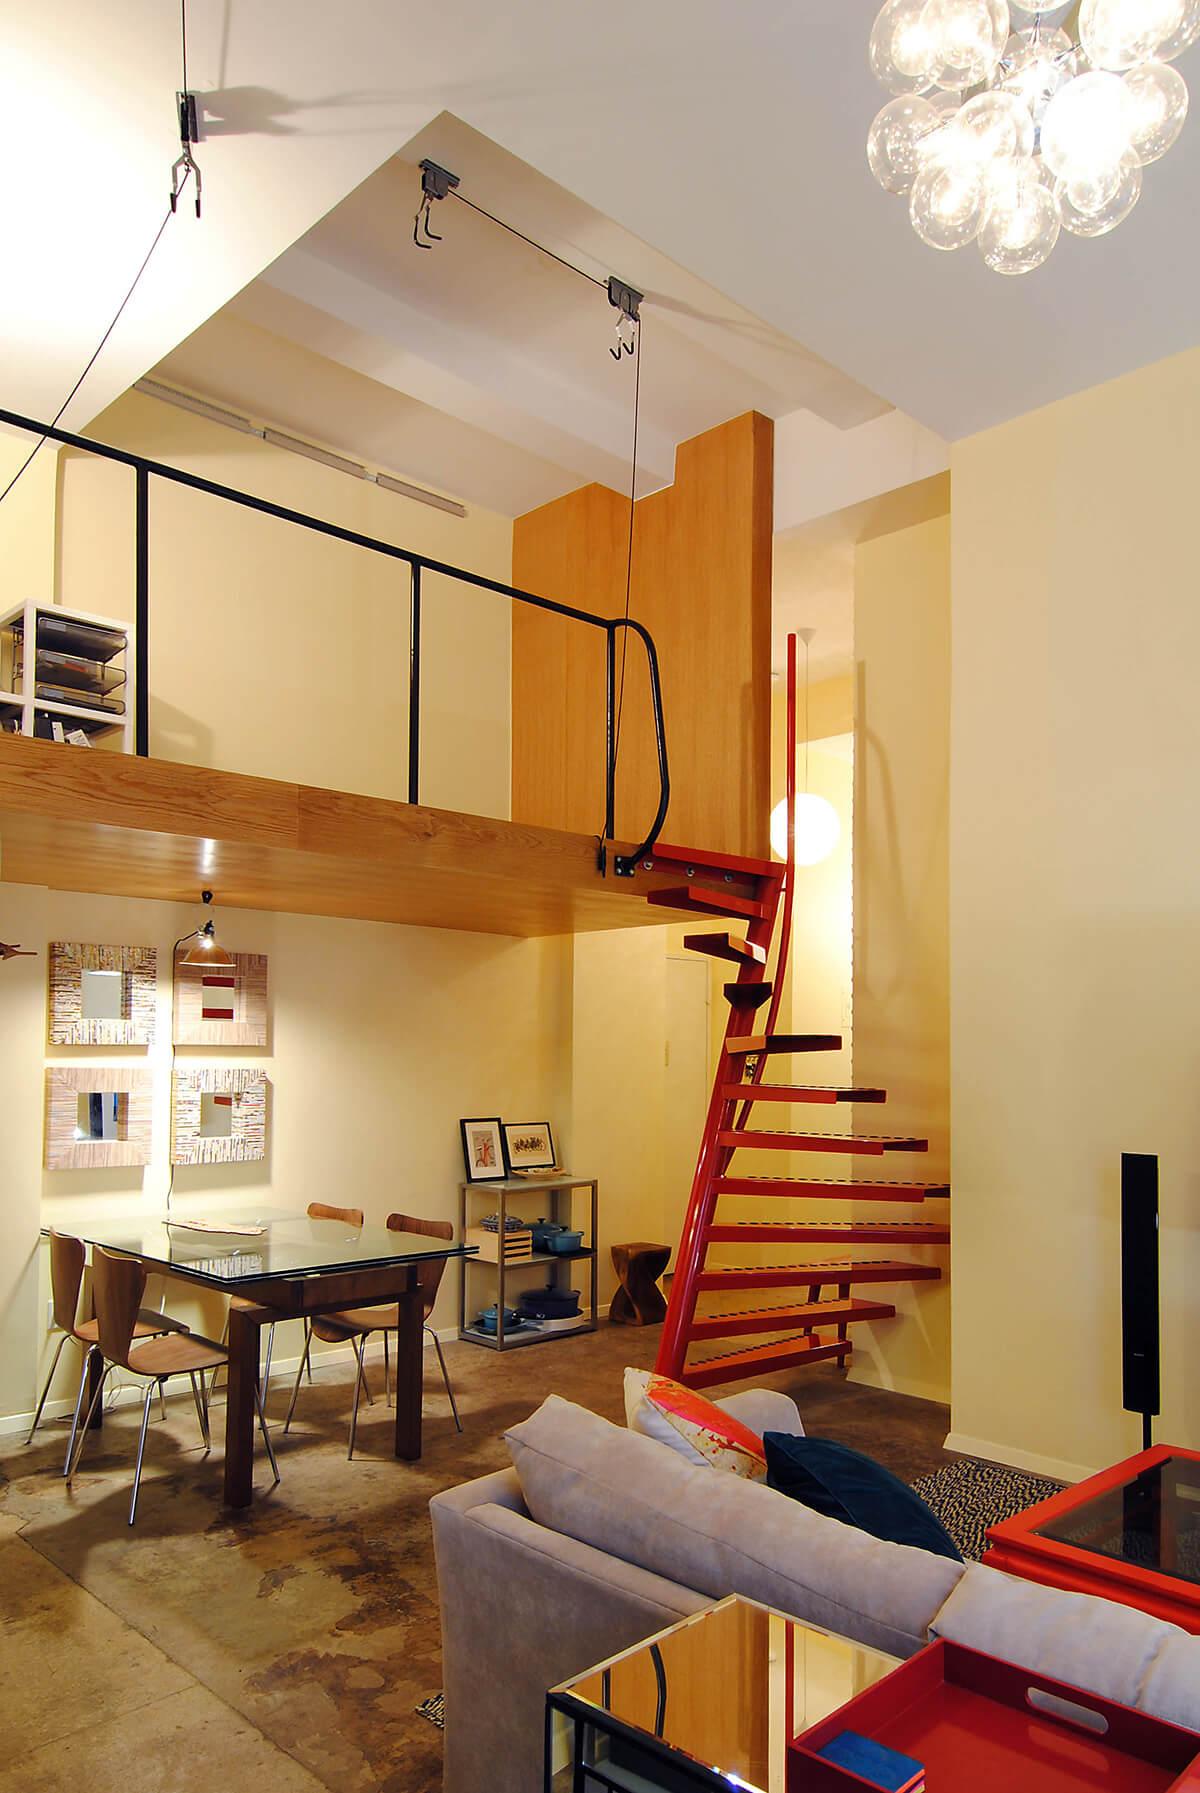 Installer un escalier dans un petit espace frenchy fancy for Petit espace amenagement